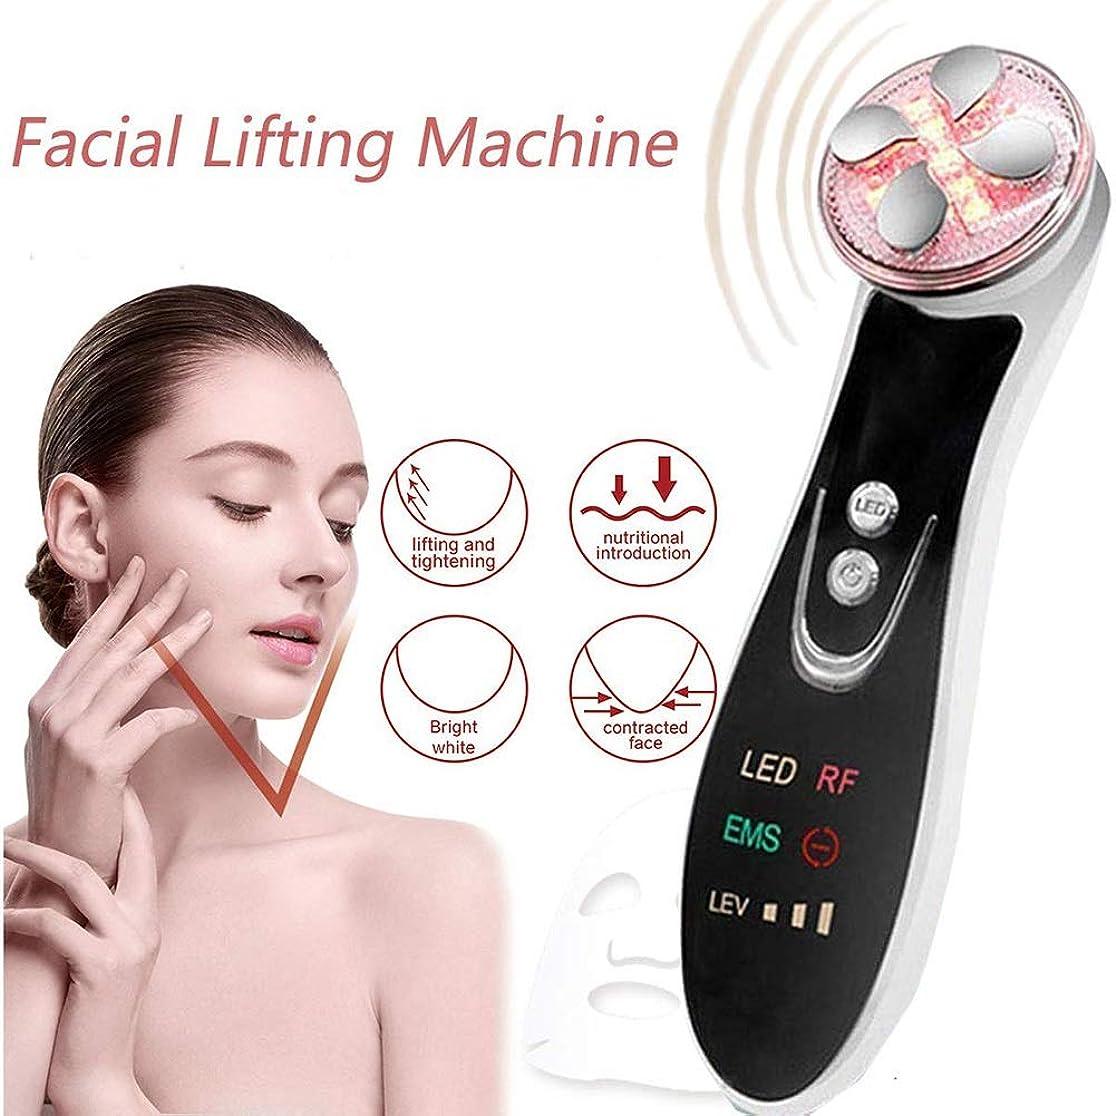 反対するラフ頭機械、1つのRF EMS LEDライト療法のしわを取除く顔の持ち上がるボディ形削り盤機械をきつく締める表面皮は反老化のアクネの美装置を取除きます